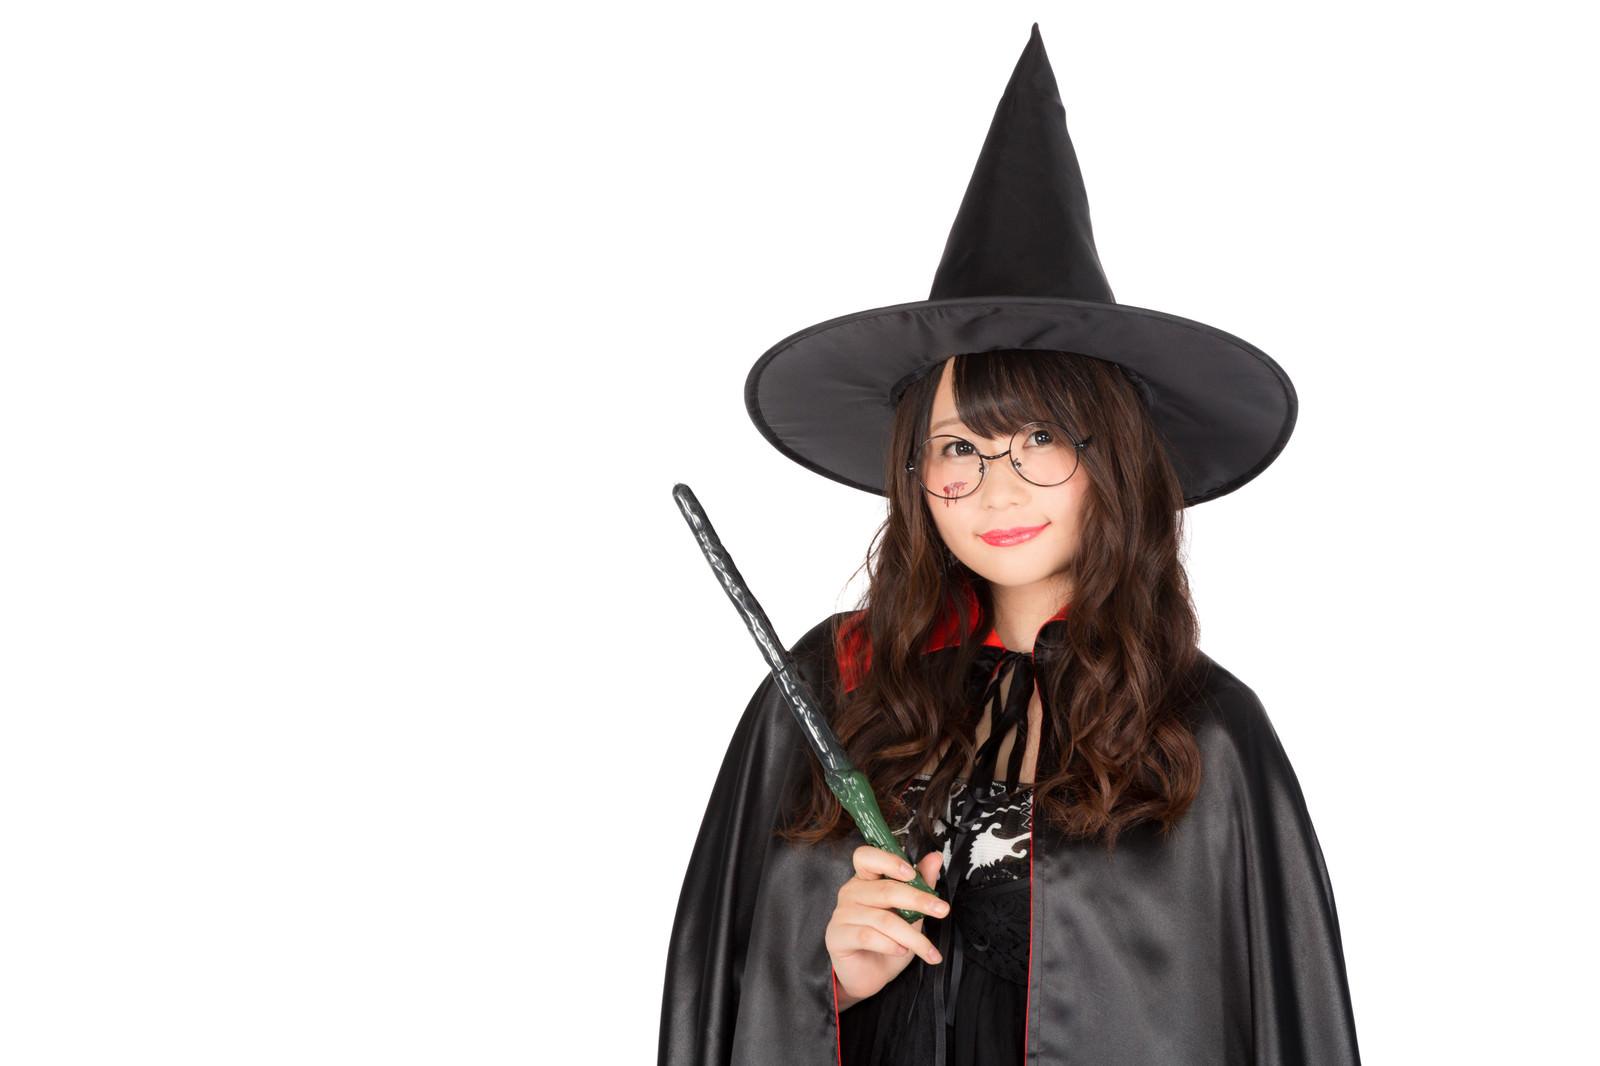 「「ハロウィンは祝日になぁーれ」と魔法をかける魔道士さん」の写真[モデル:茜さや]